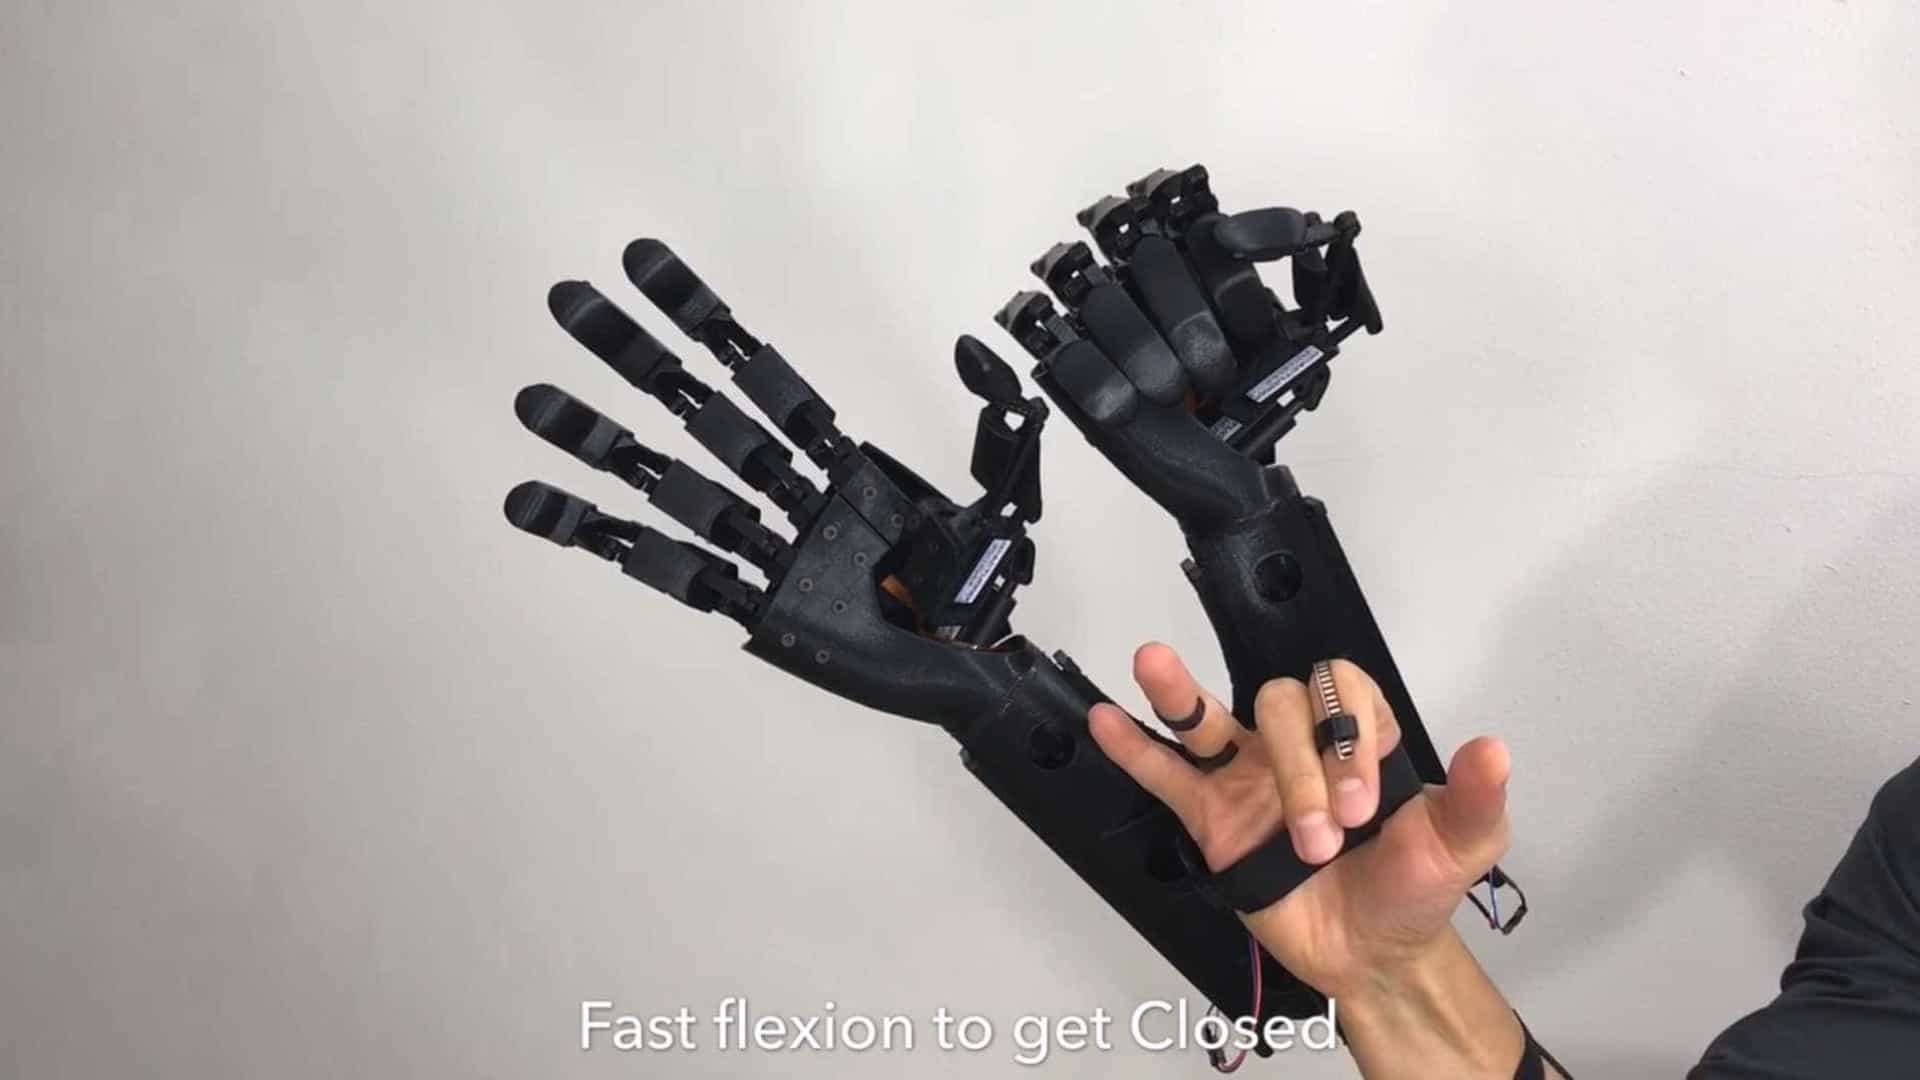 E se em vez de duas mãos pudesse ter quatro? Imagine o potencial